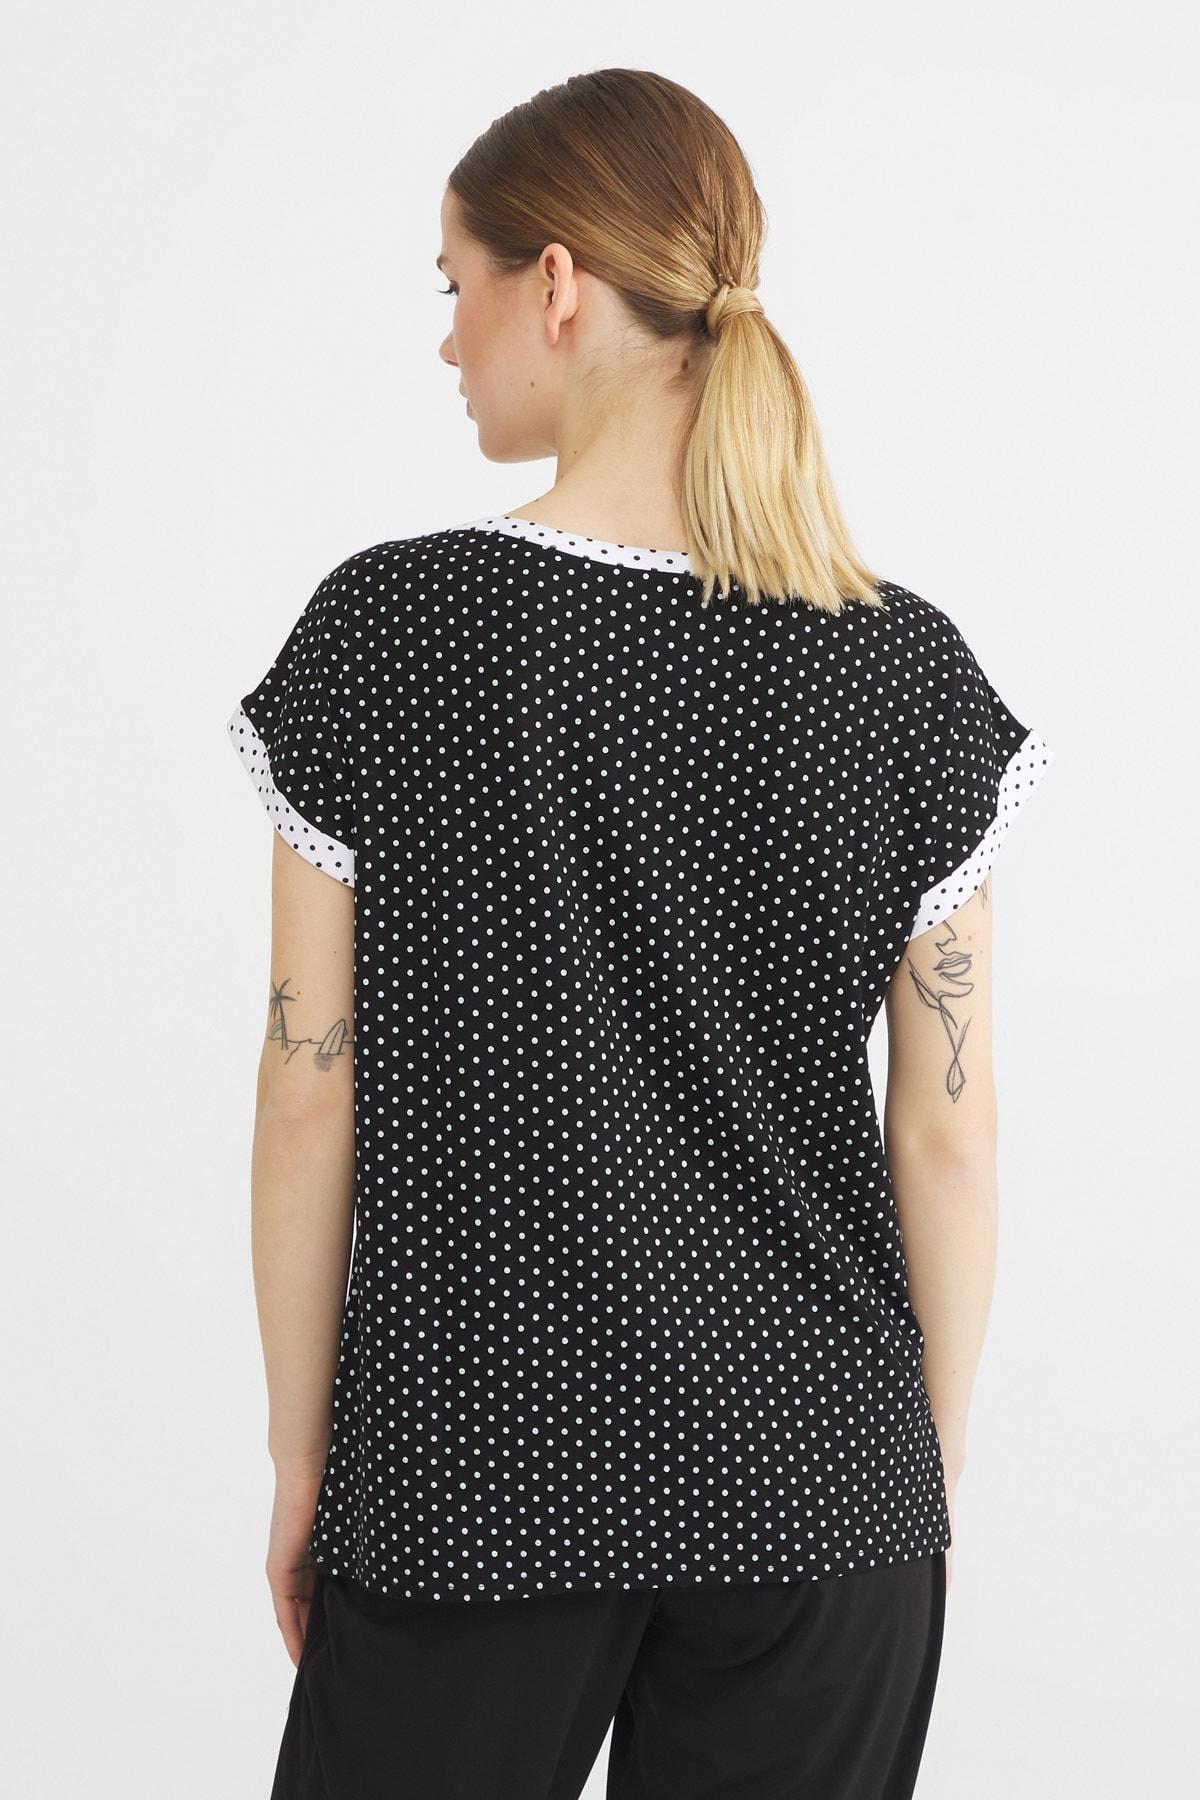 Love My Body Kadın Siyah Kontrast Renkli Puantiyeli Bluz 2